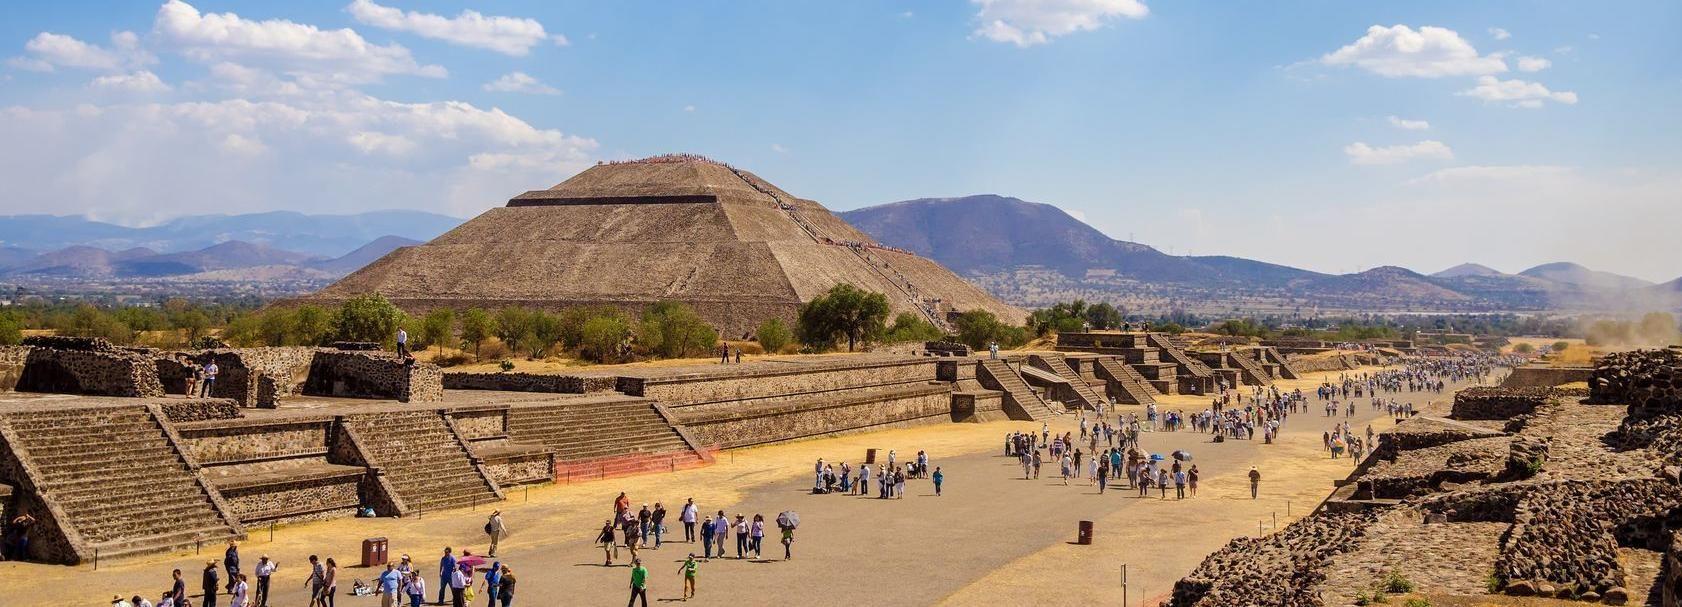 Desde Ciudad de México: acceso a Teotihuacán y cata de licor